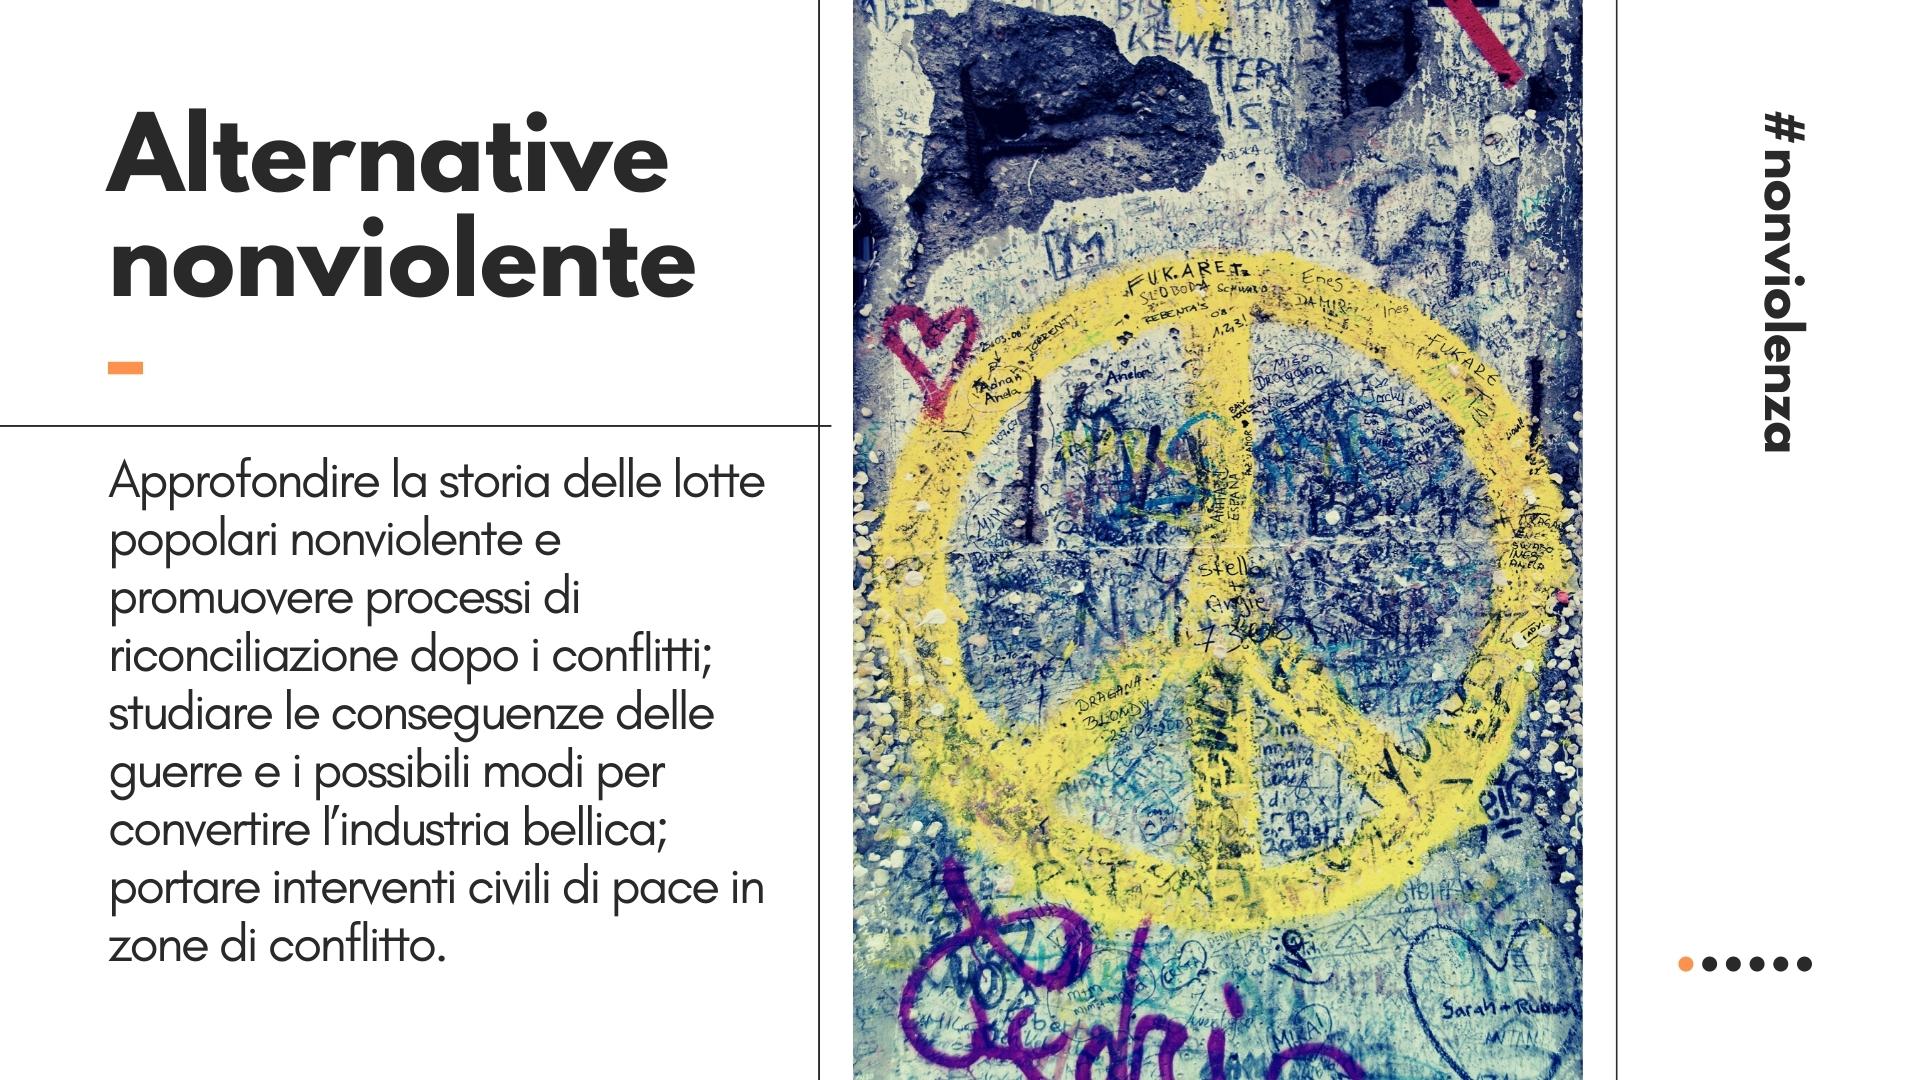 Alternative nonviolente